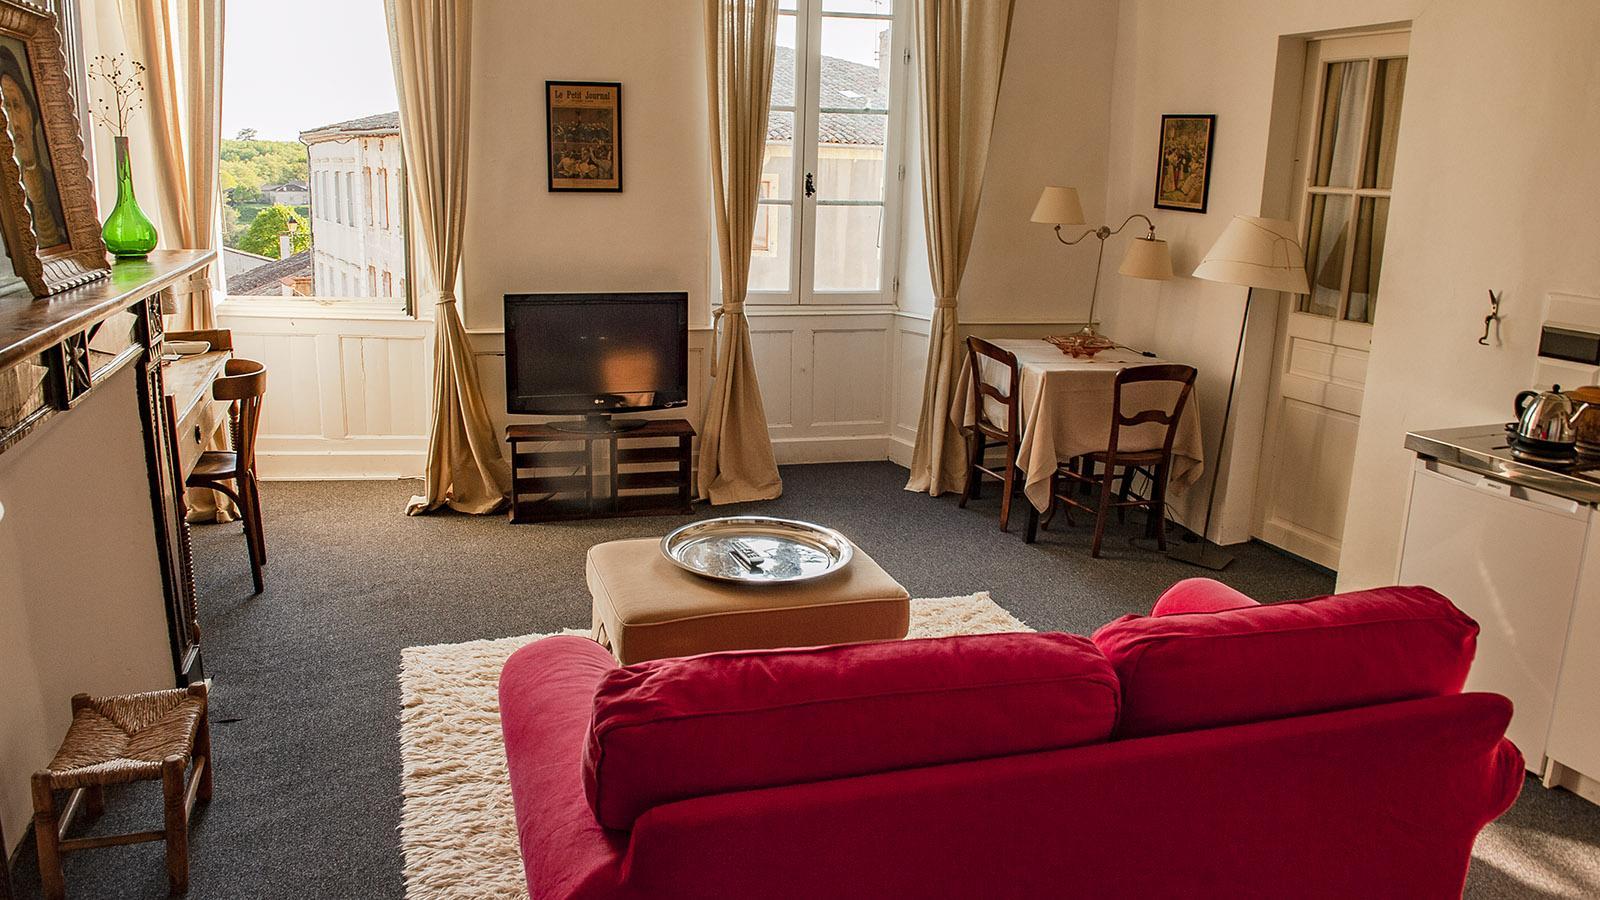 Aurignac: Hôtel Saint-Laurans. Foto: Hilke Maunder